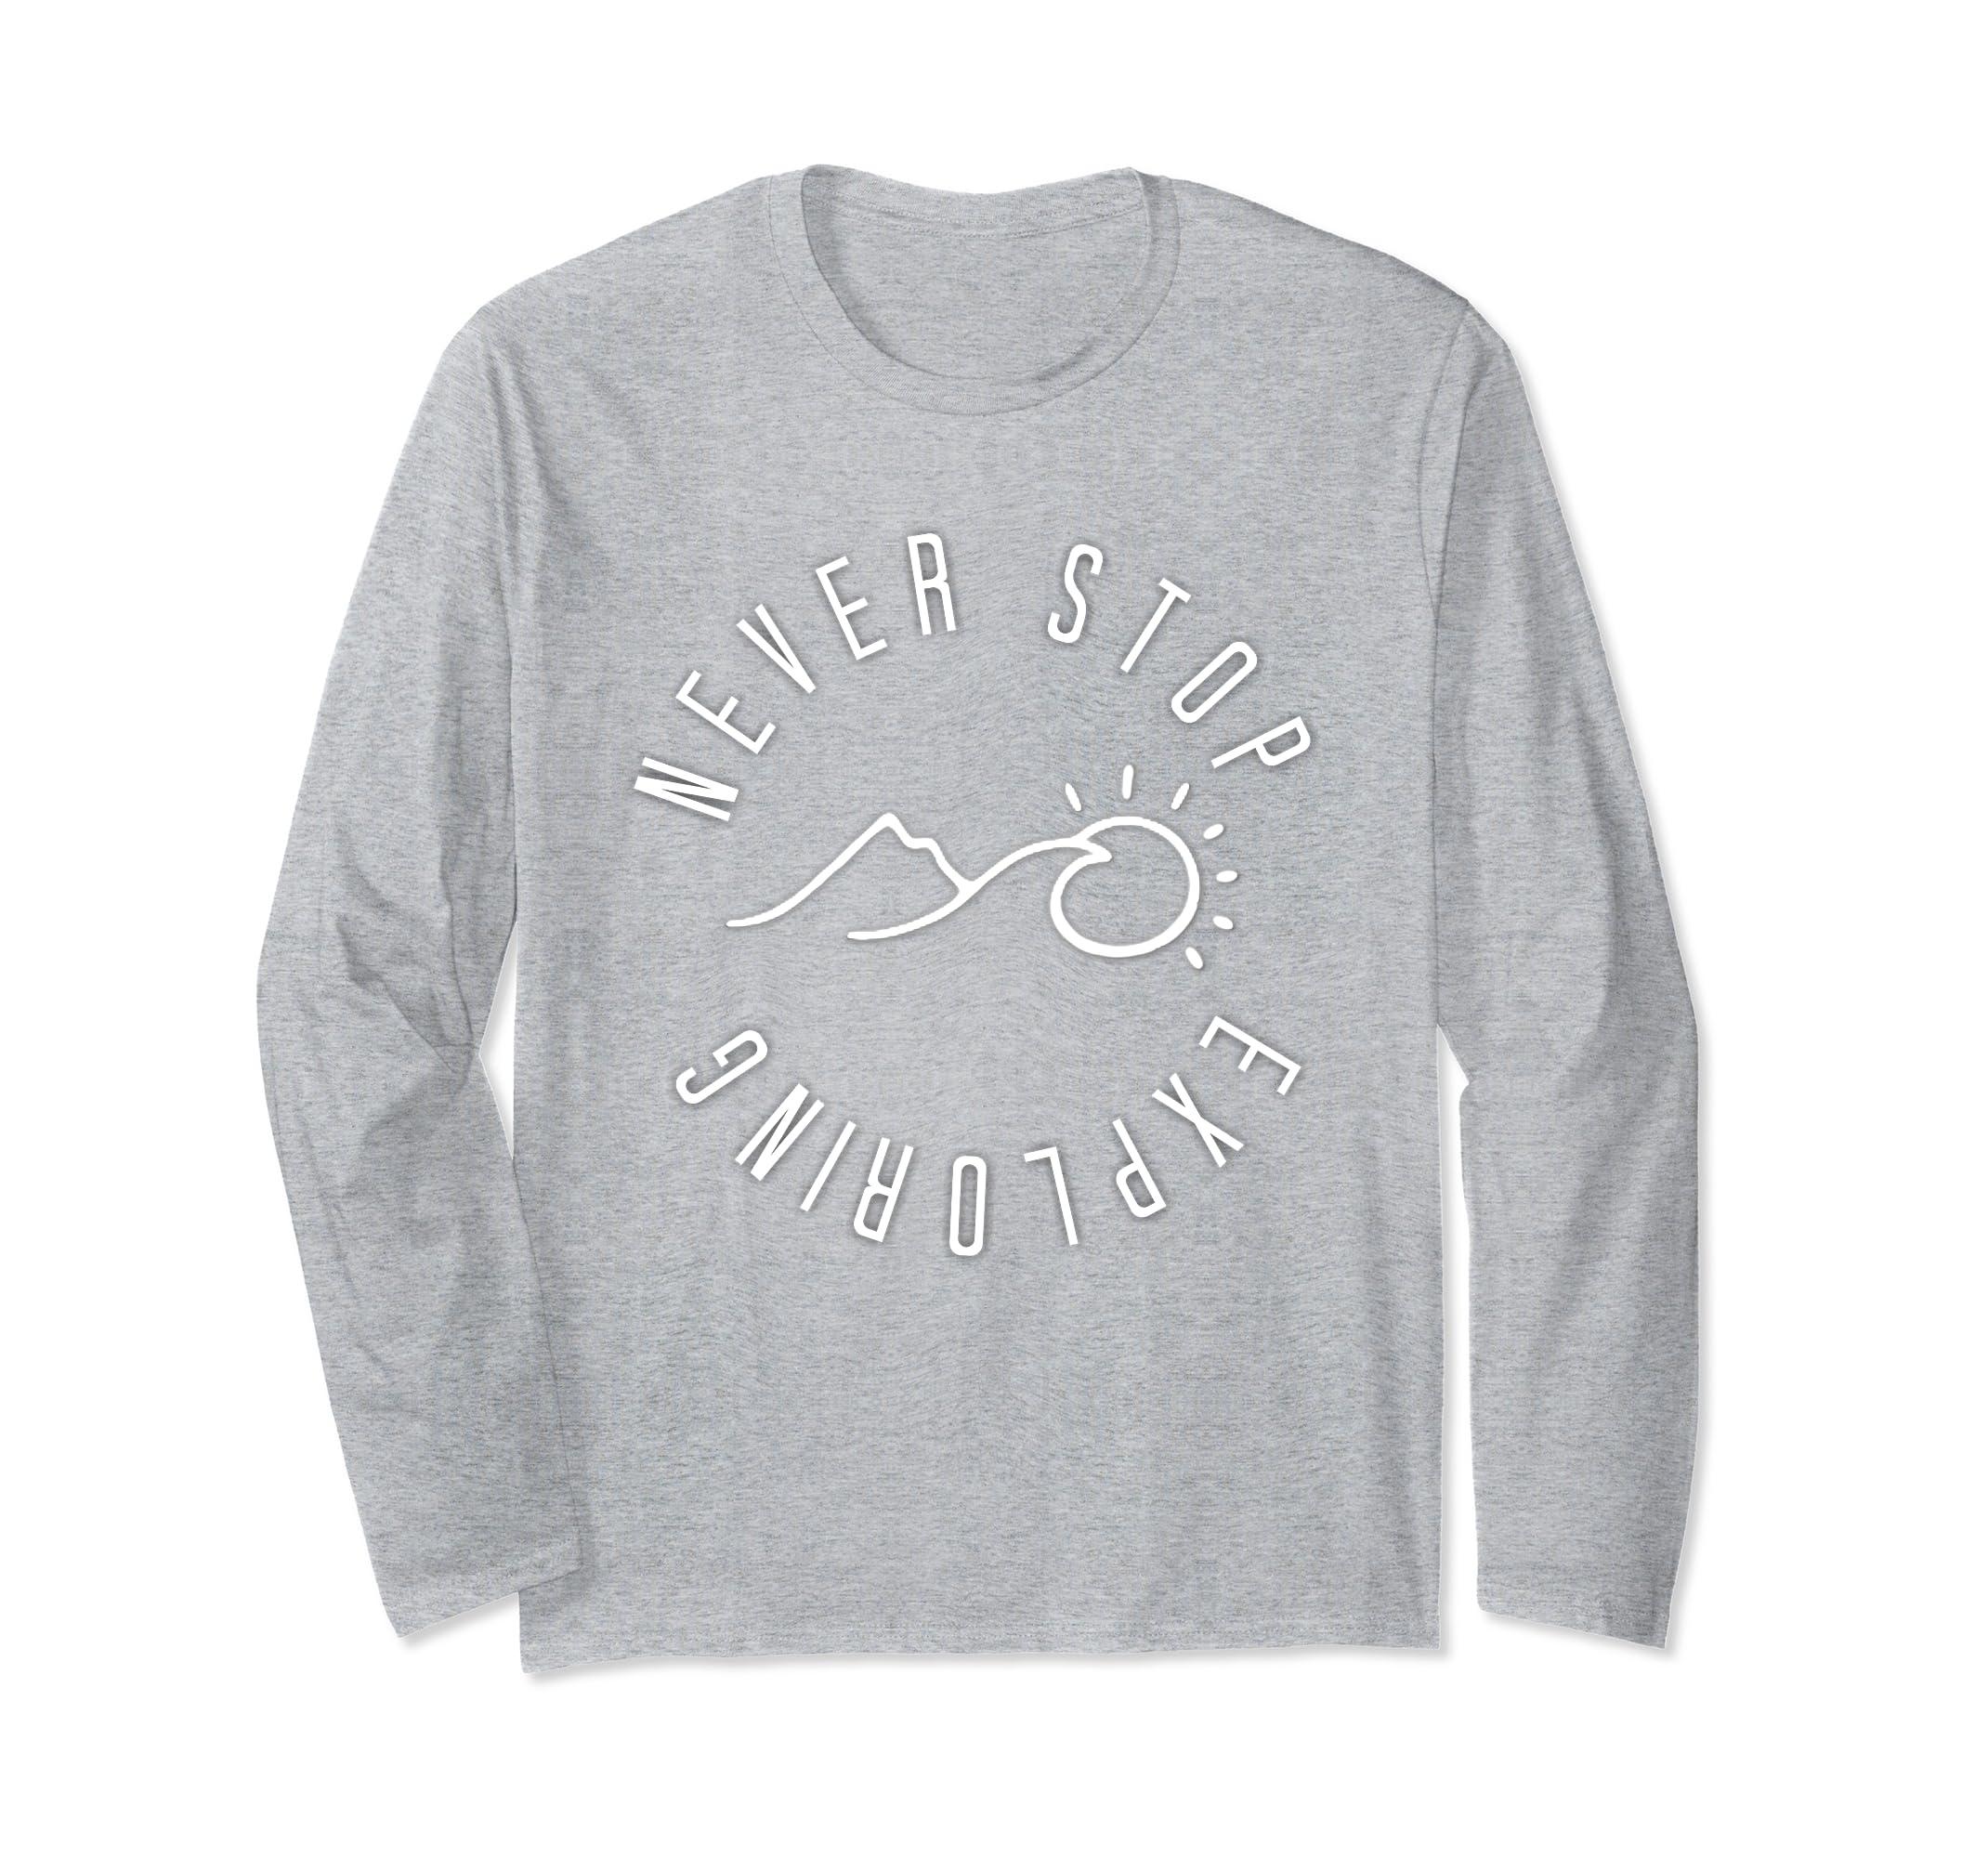 Fun Never Stop Exploring Outdoor Hiking Adventure Sweatshirt-ln